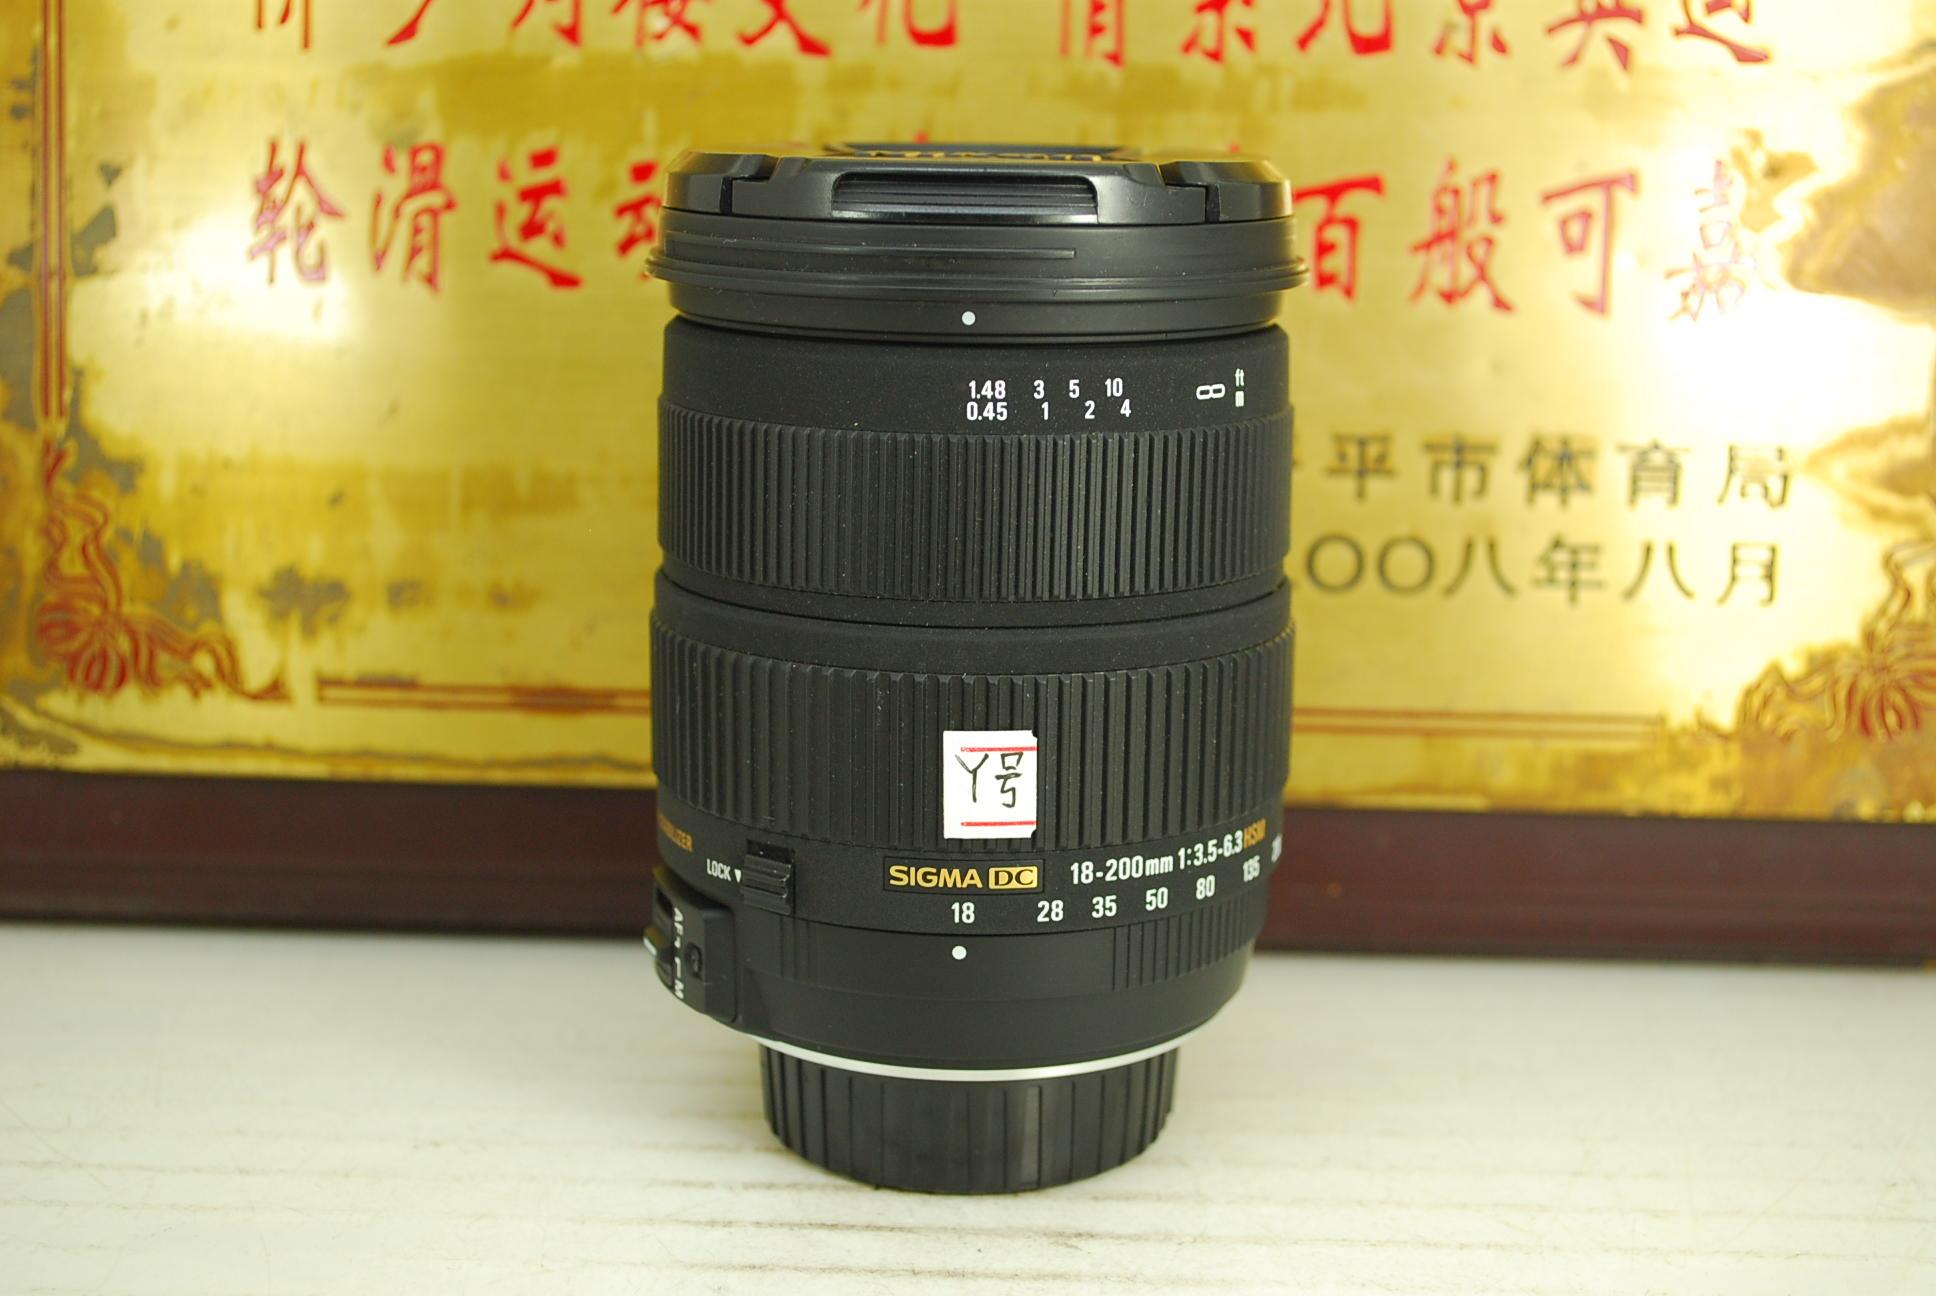 97新 尼康口 适马 18-200 F3.5-6.3 OS HSM 单反镜头 防抖挂机一镜走天下